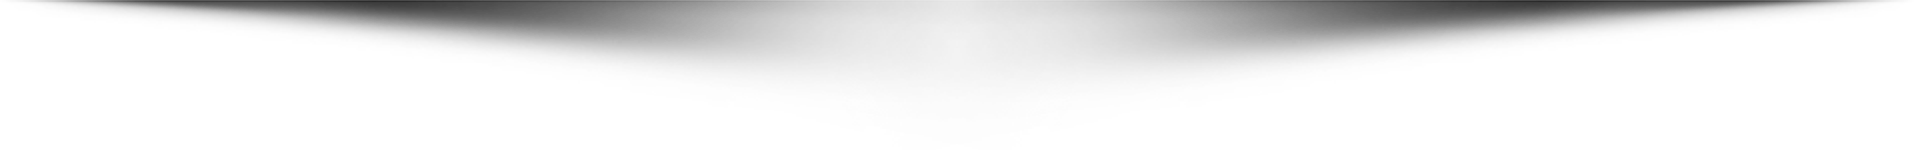 Czarny pasek oddzielający